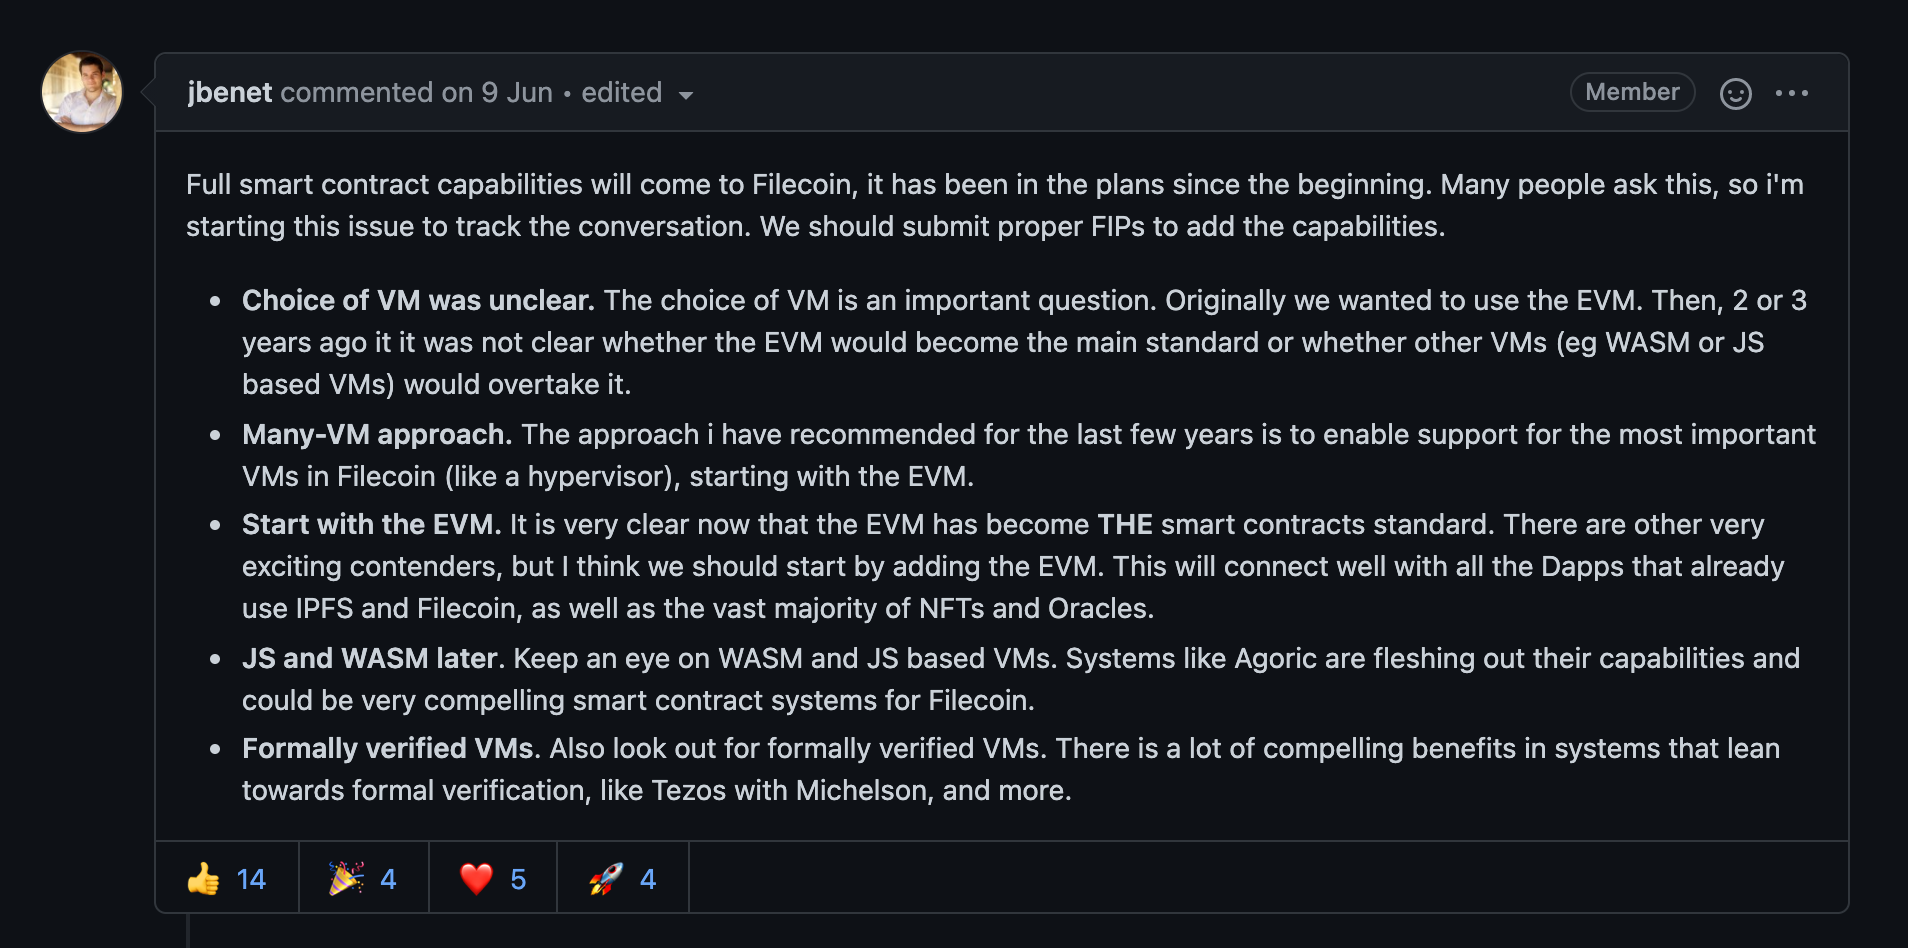 星云矿场:Filecoin将引入虚拟机 胡安精心策划的一场阳谋